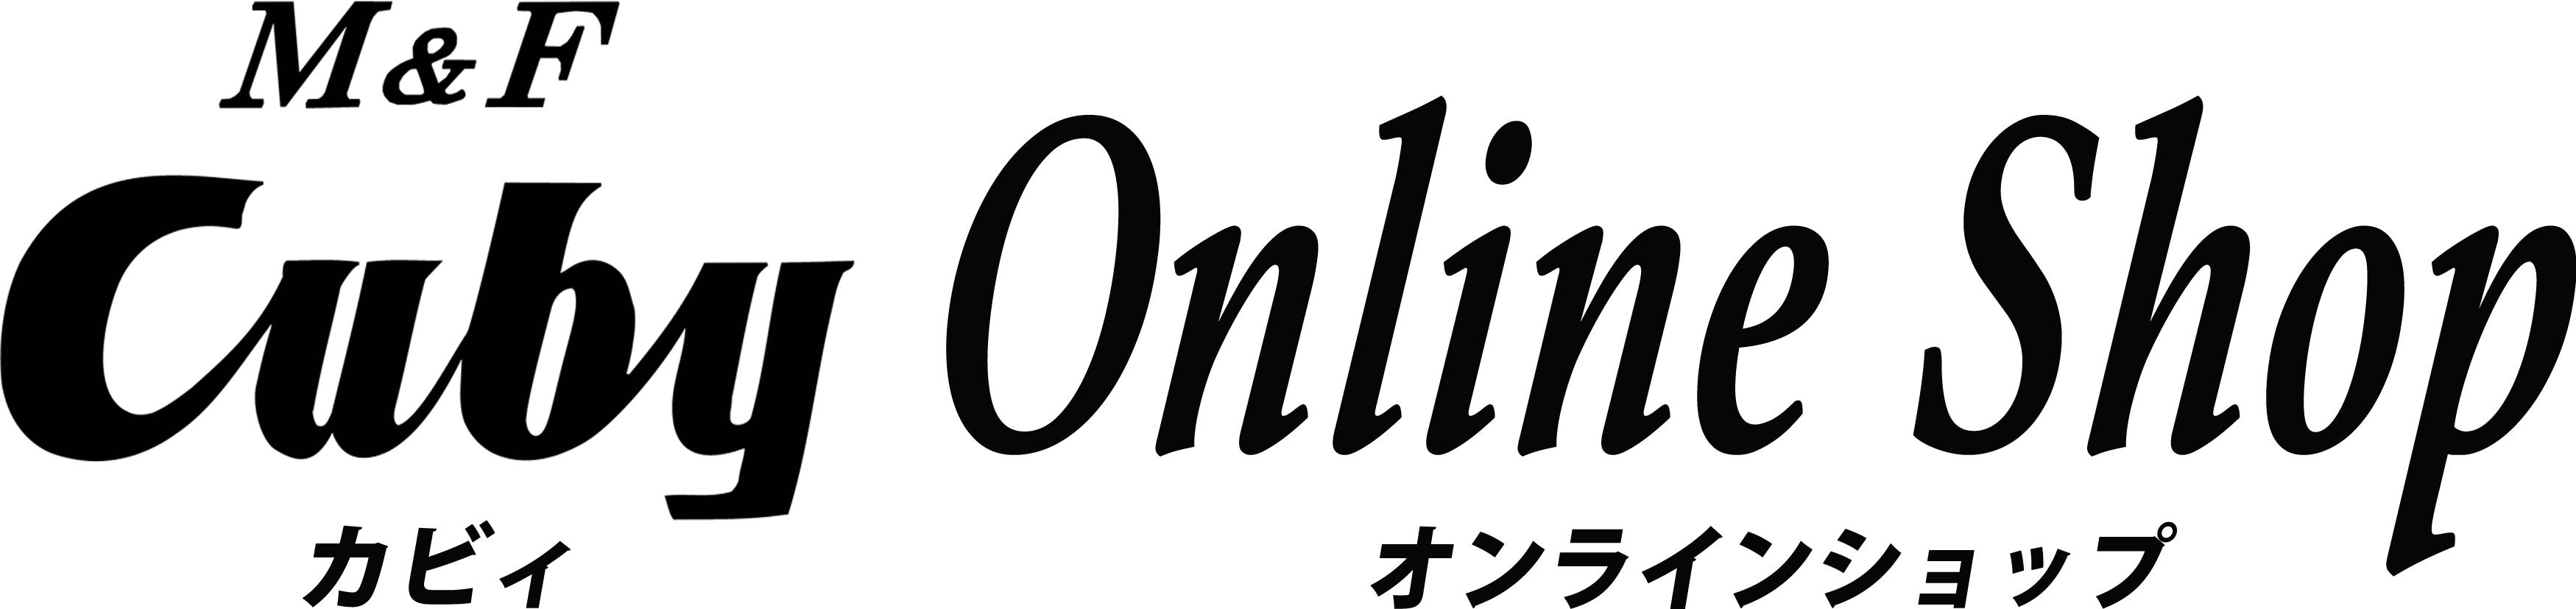 Cuby(カビィ)オンラインショップ